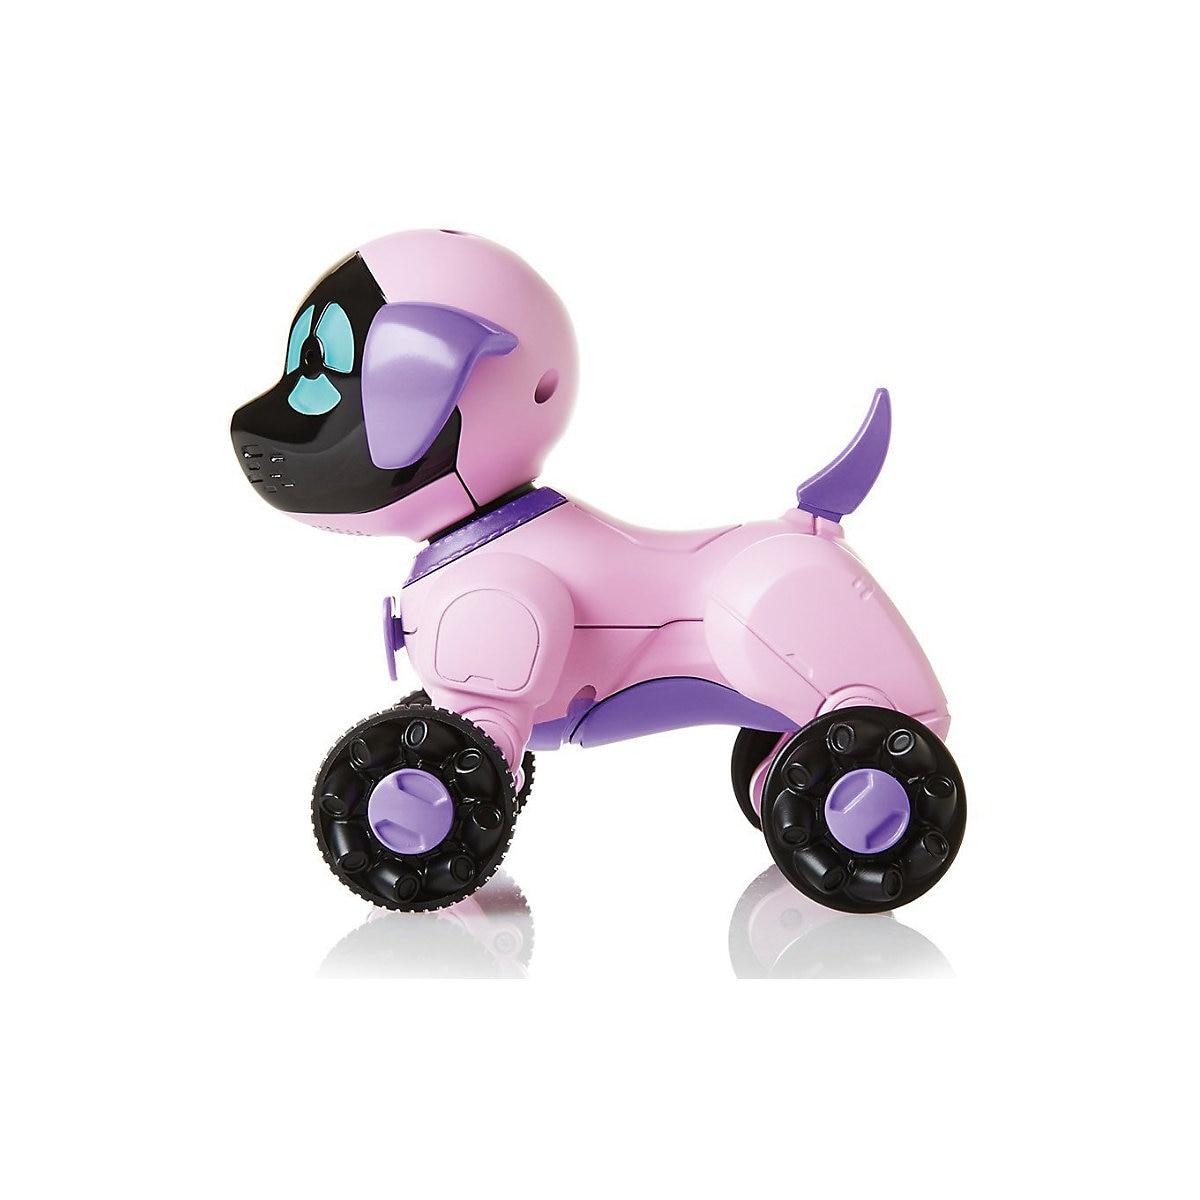 Animaux de compagnie électroniques WowWee 7314002 Tamagochi Robot jouets interactif chien animaux enfants MTpromo - 4